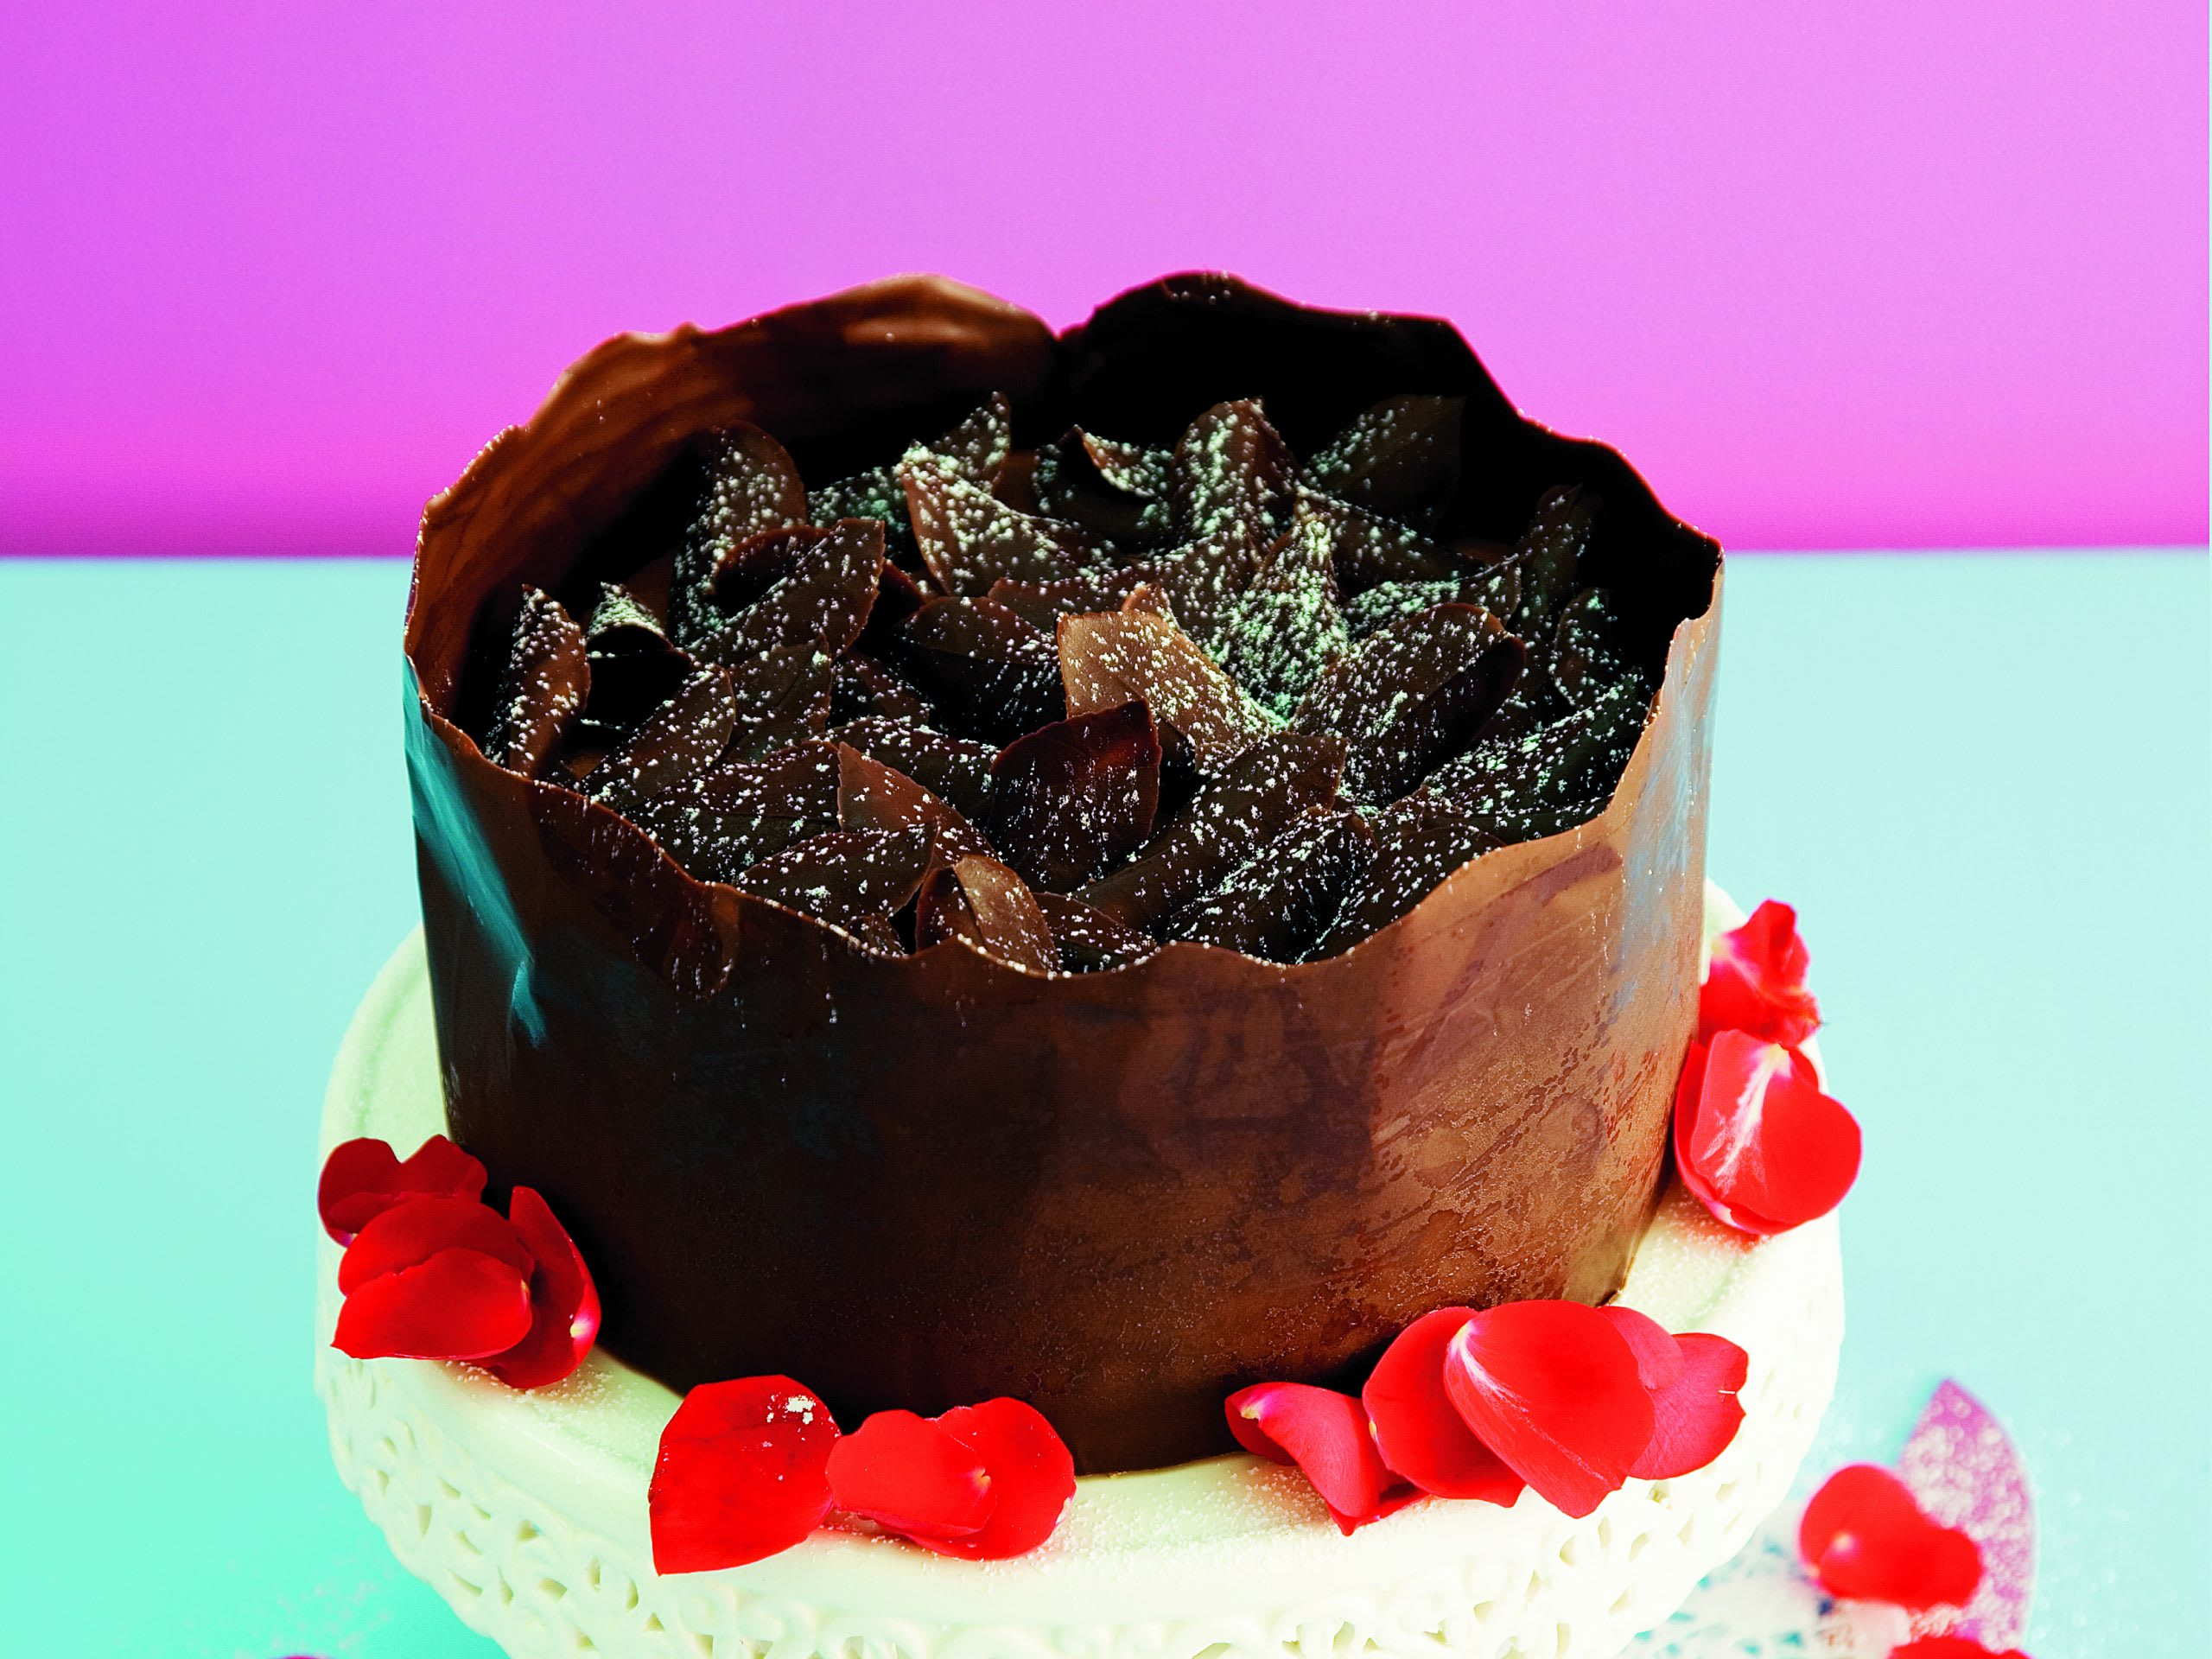 Biskuittorte mit Schokoladen-Rahm-Füllung